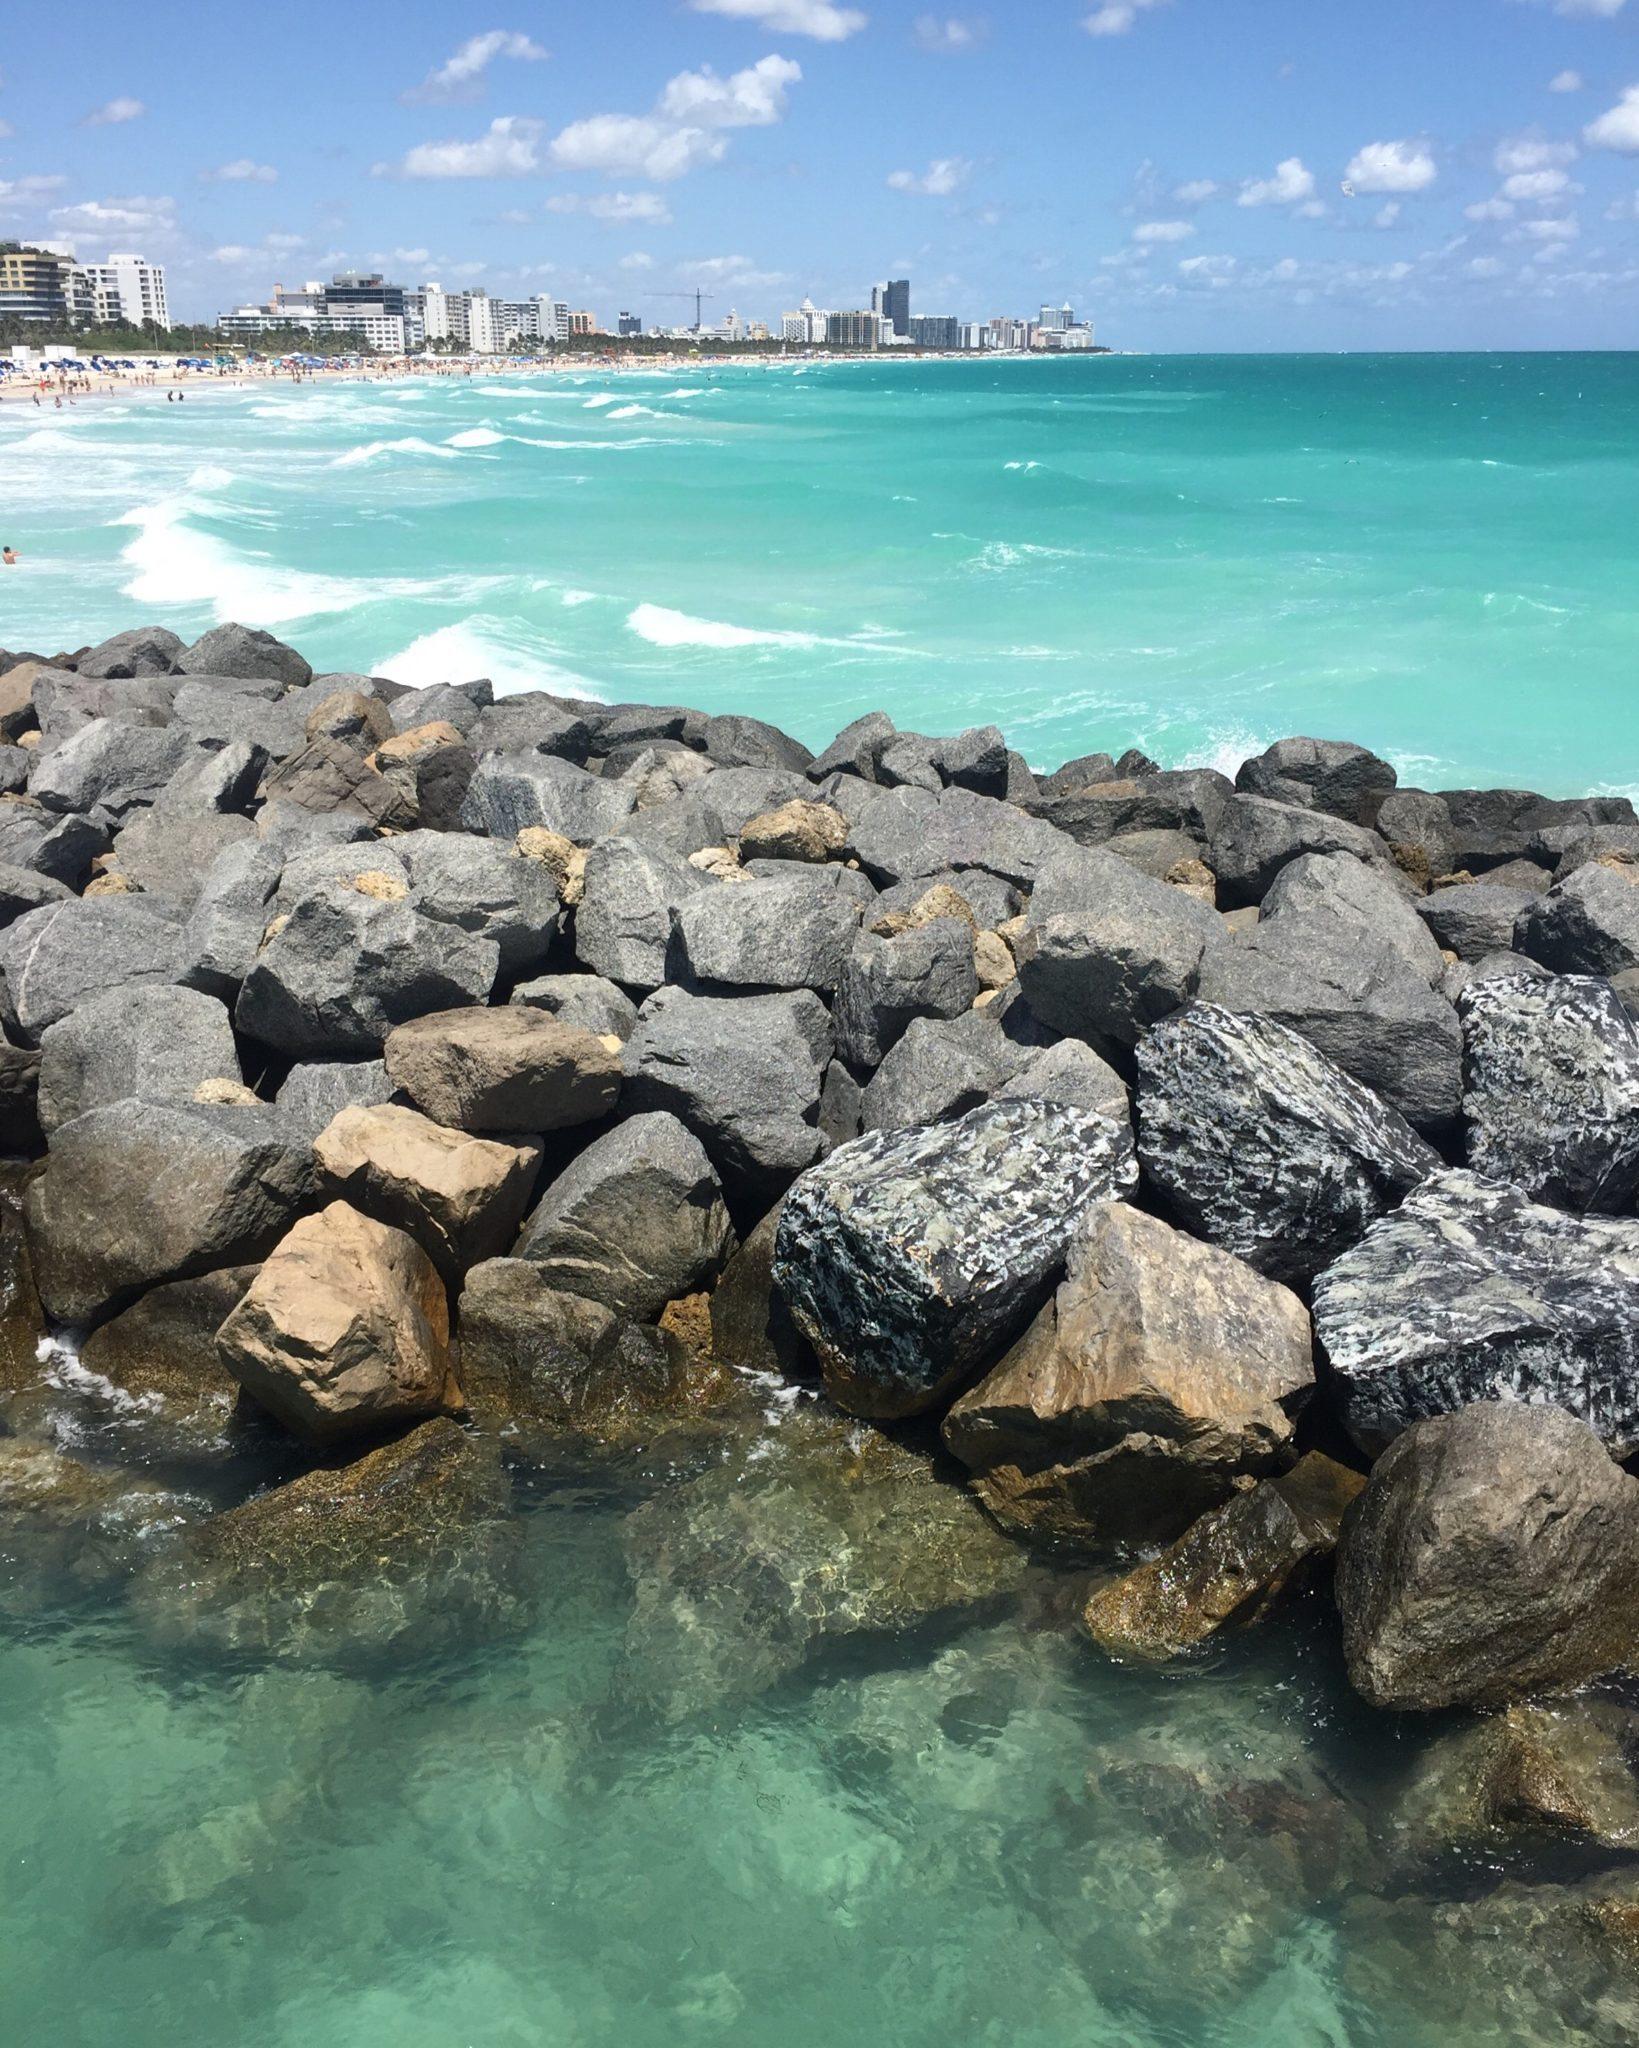 10 lugares fantásticos para conhecer na Flórida - Enjoy Miami